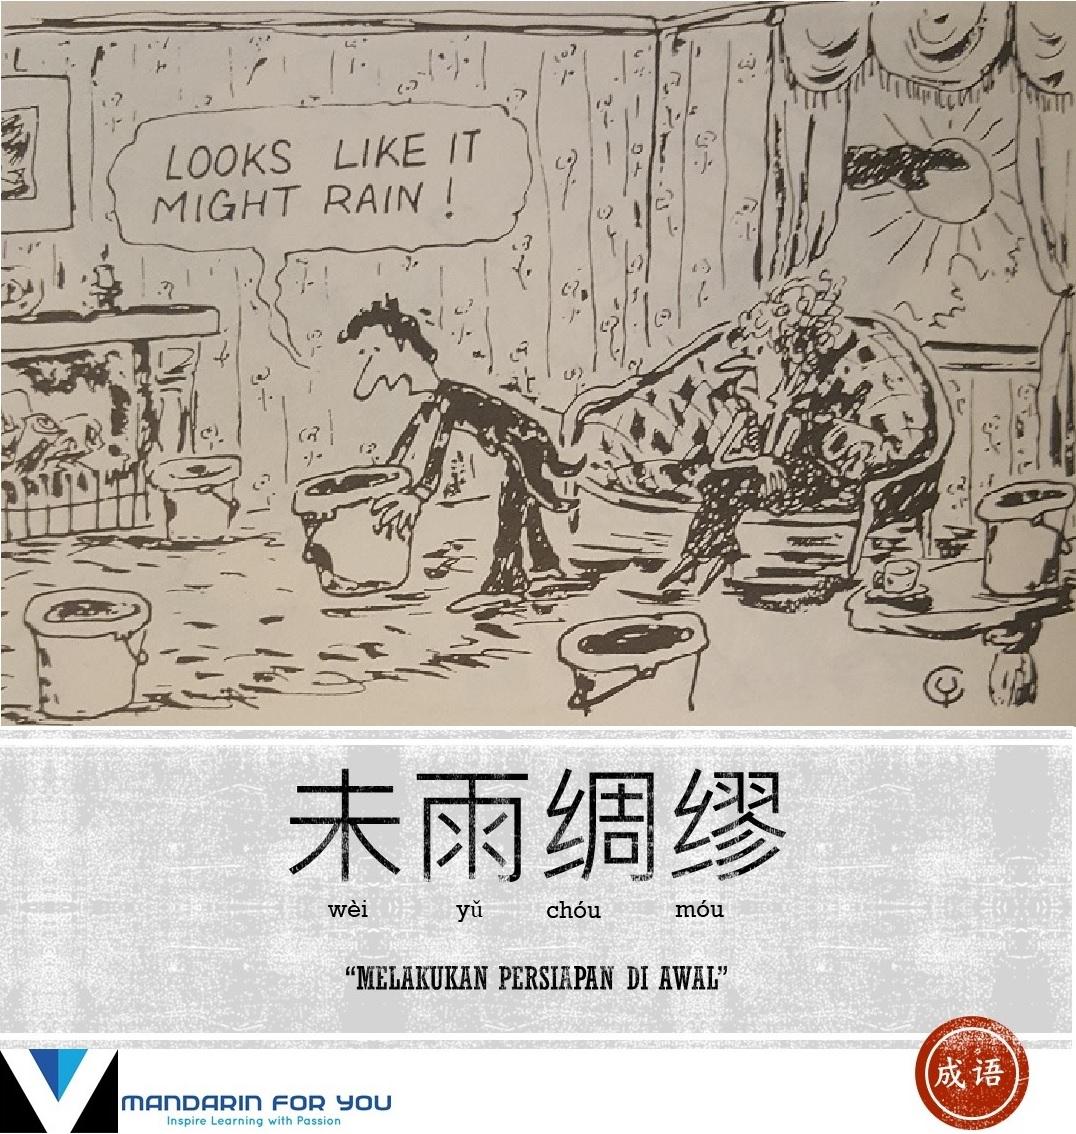 Les Mandarin - Melakukan Persiapan di Awal